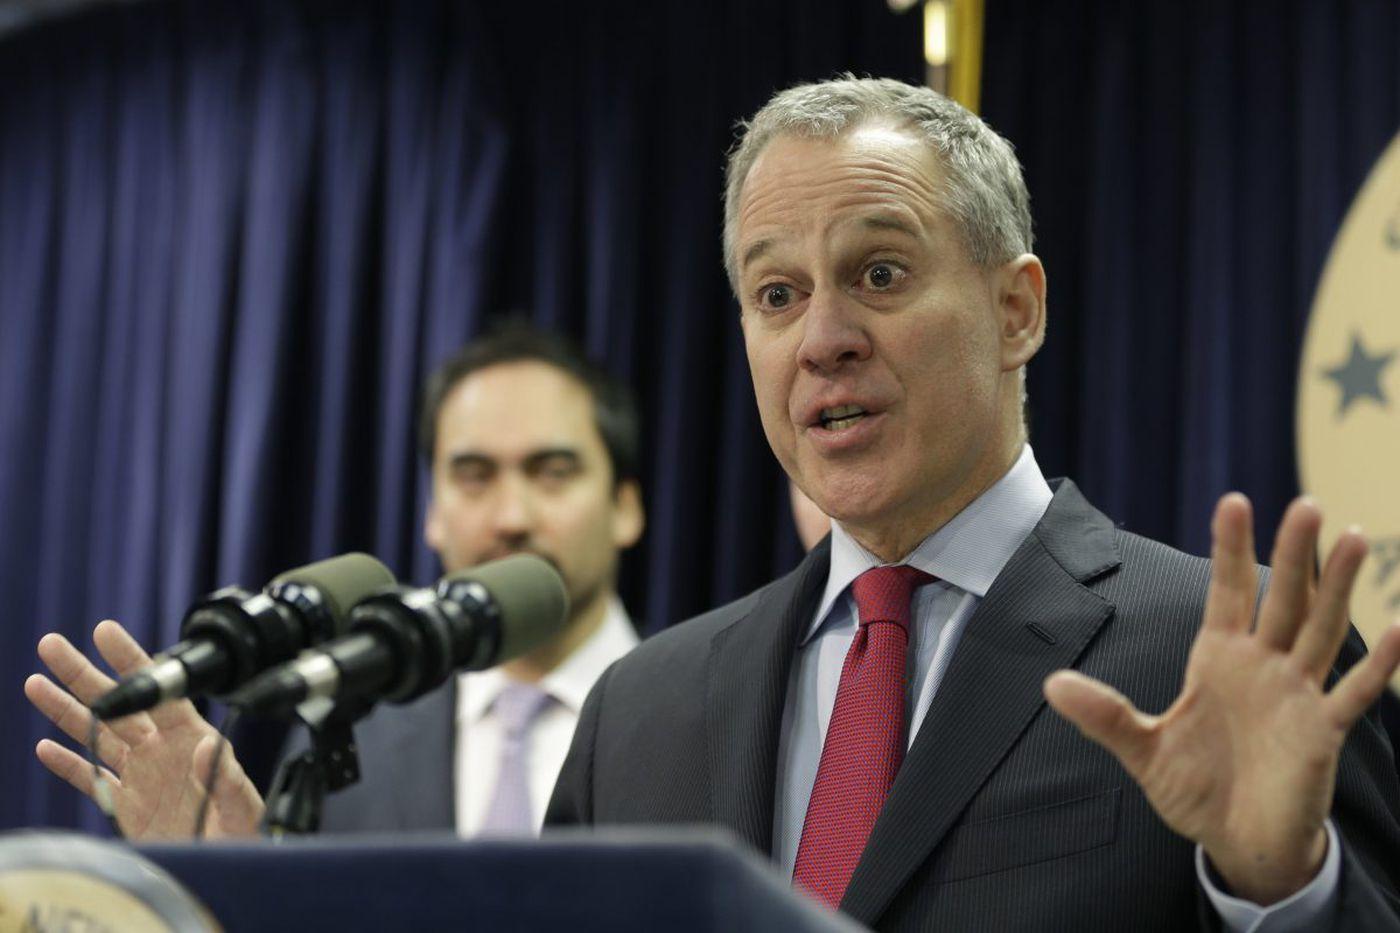 Kellyanne Conway on New York attorney general's resignation: 'Gotcha'